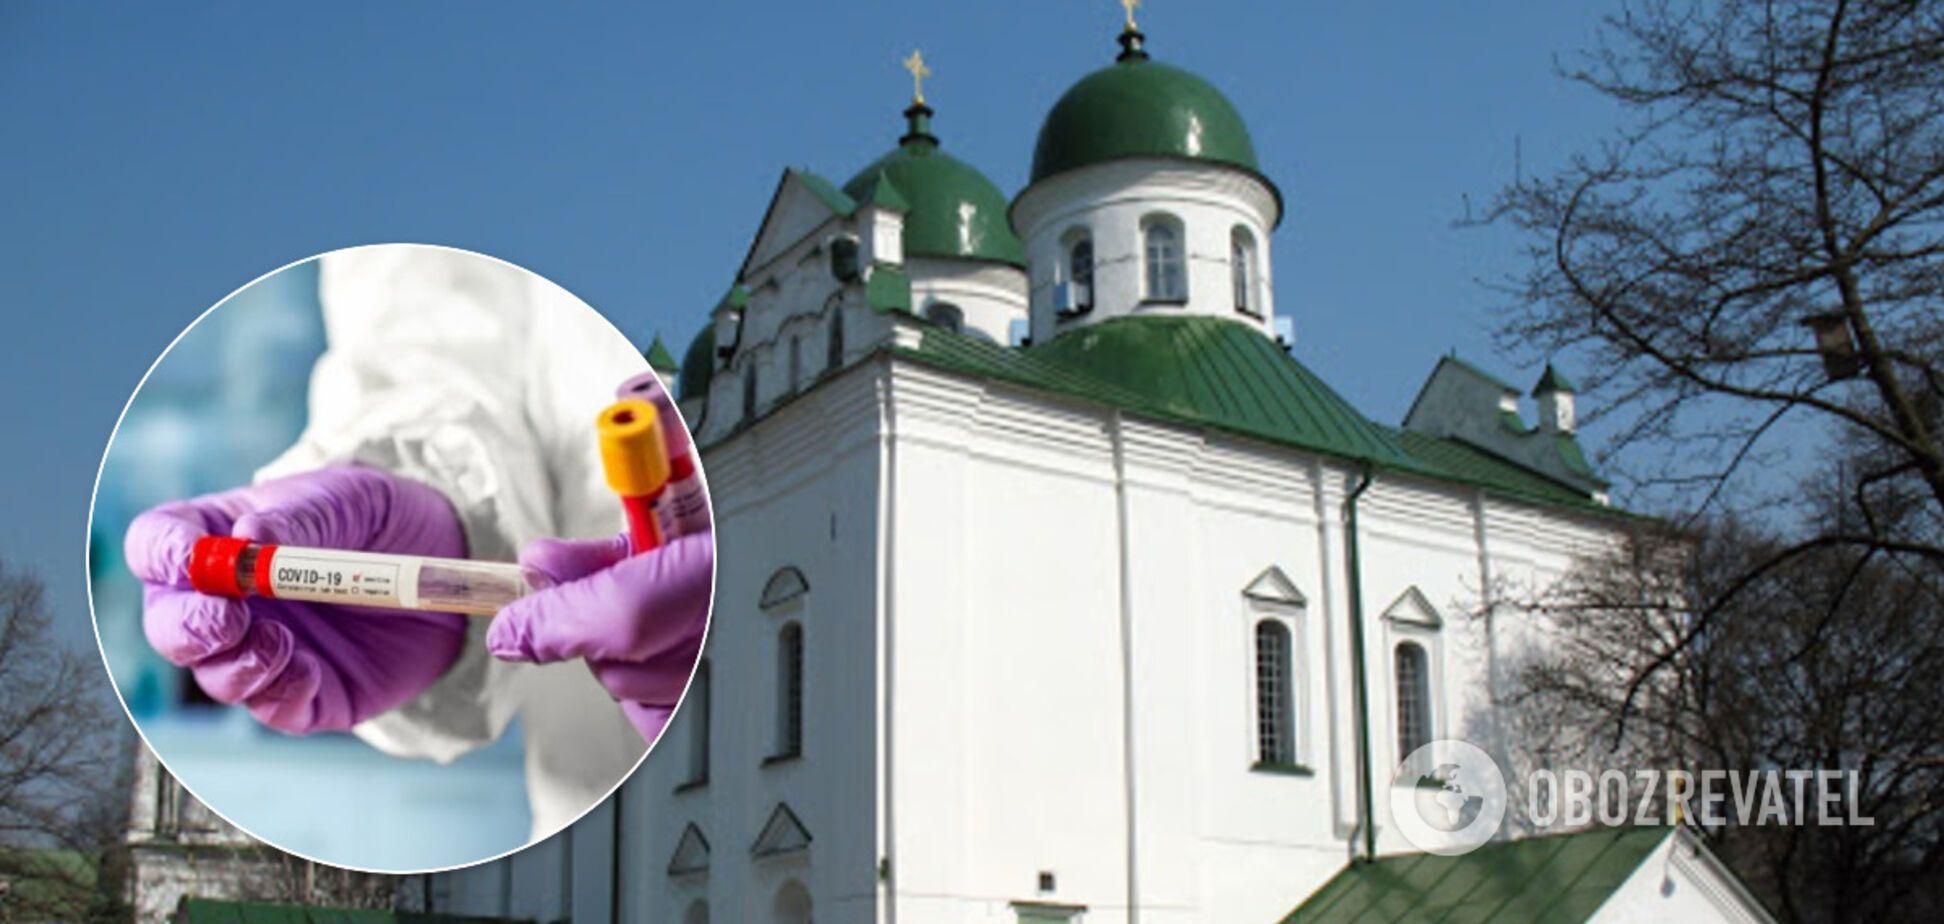 Вспышка COVID-19 произошла в женском монастыре Киева. Иллюстрация